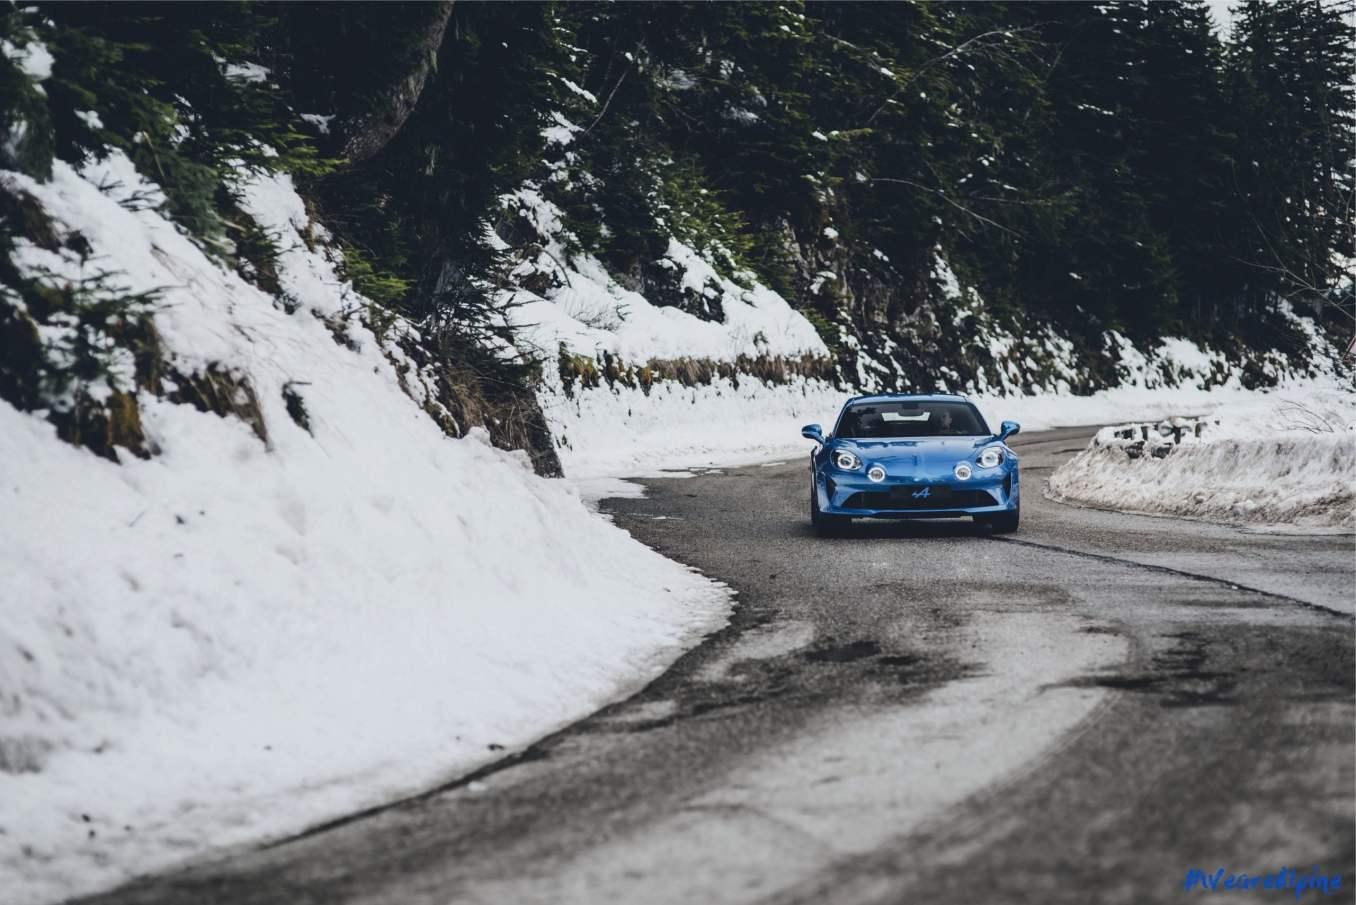 Genève 2017 Alpine A110 Premiere edition officielle 18 imp scaled | Salon de Genève 2017, toutes les informations officielles de l'Alpine A110 !